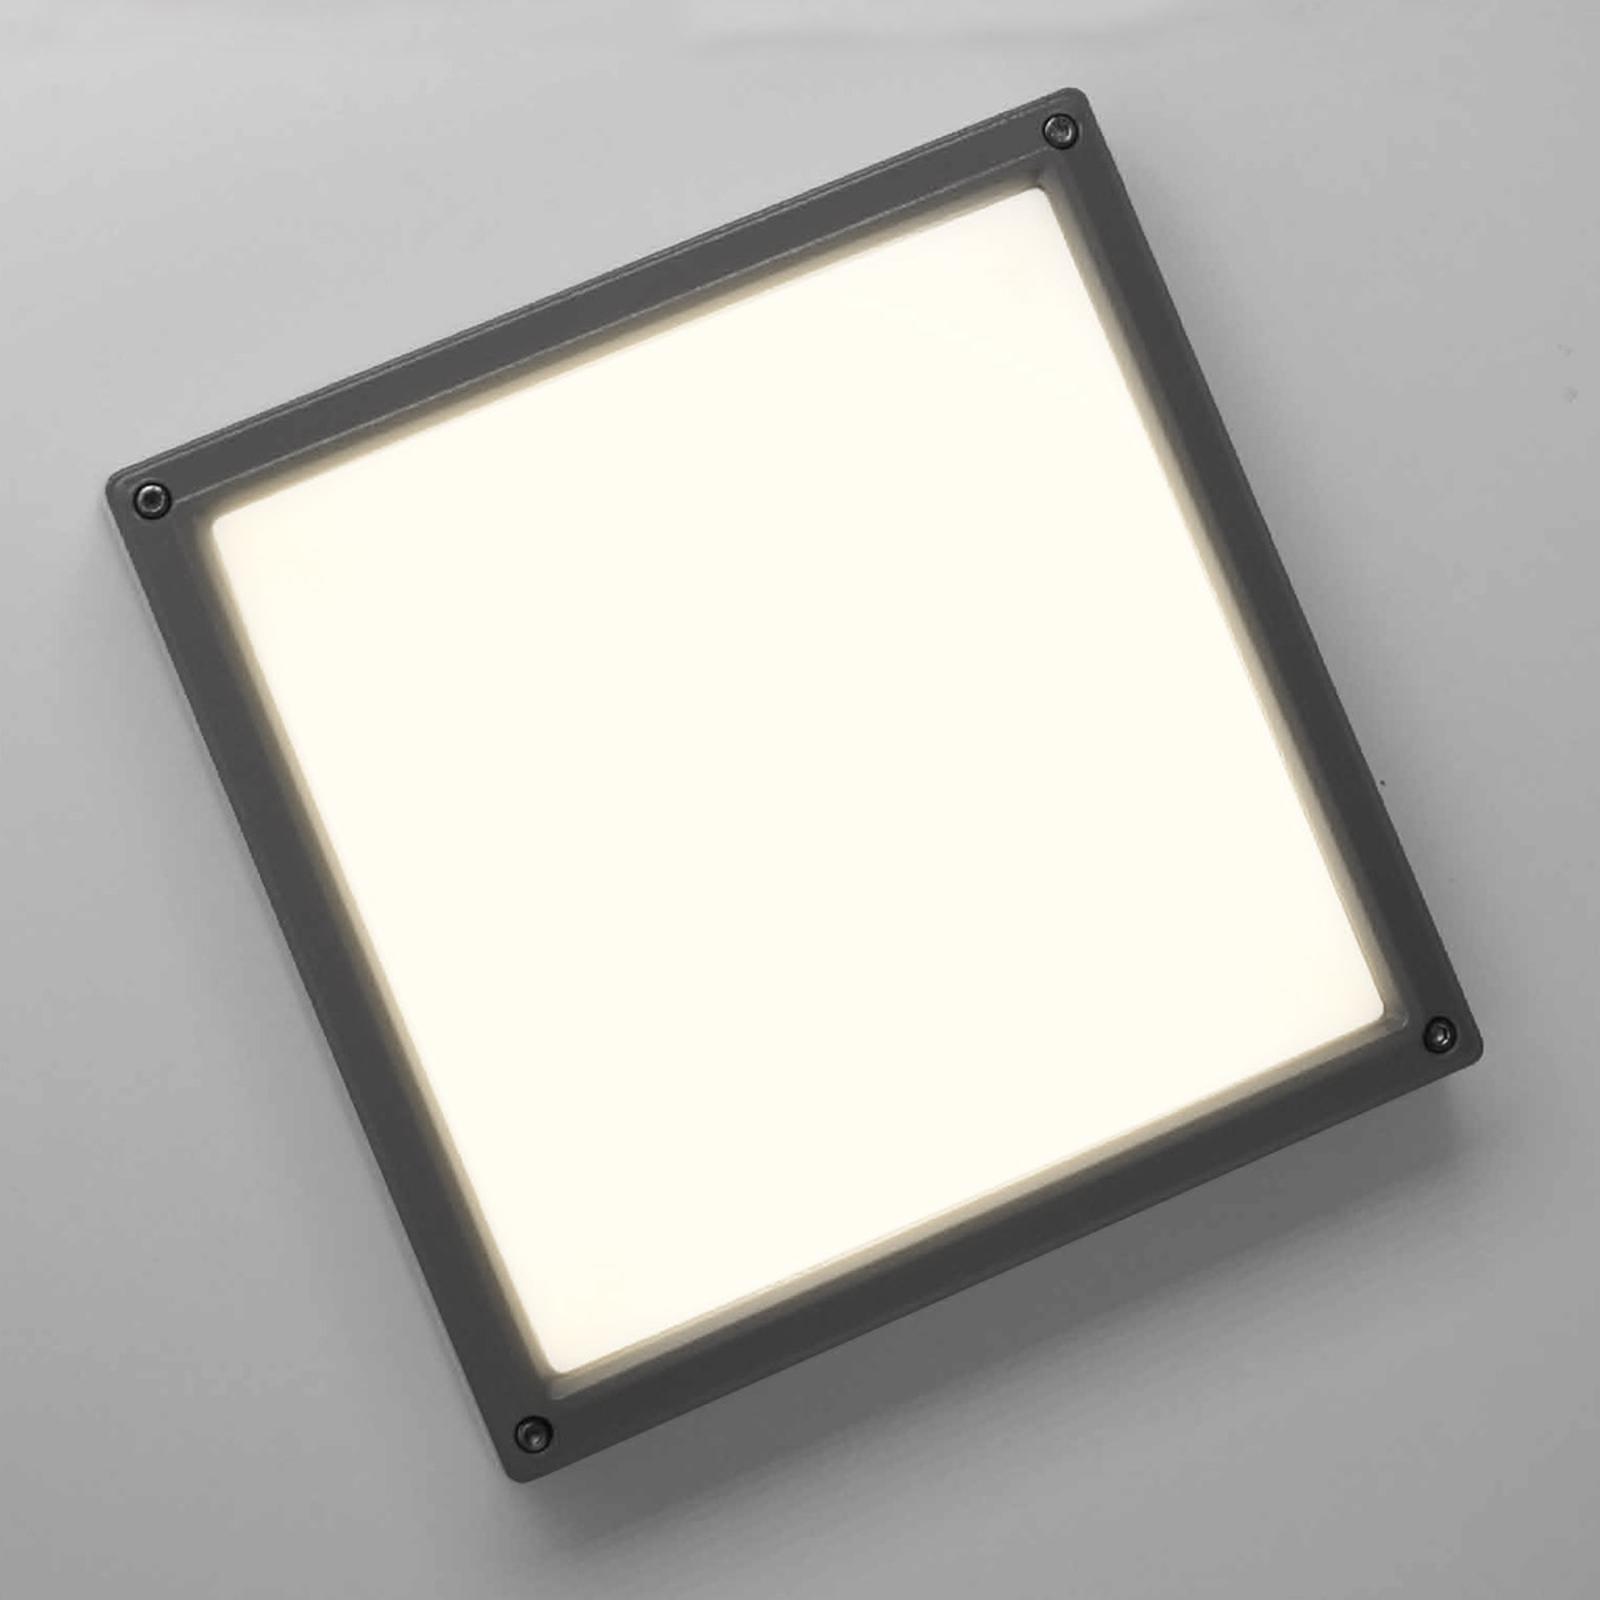 SUN 11 - LED nástěnné světlo, 13 W, antracit, 3 K